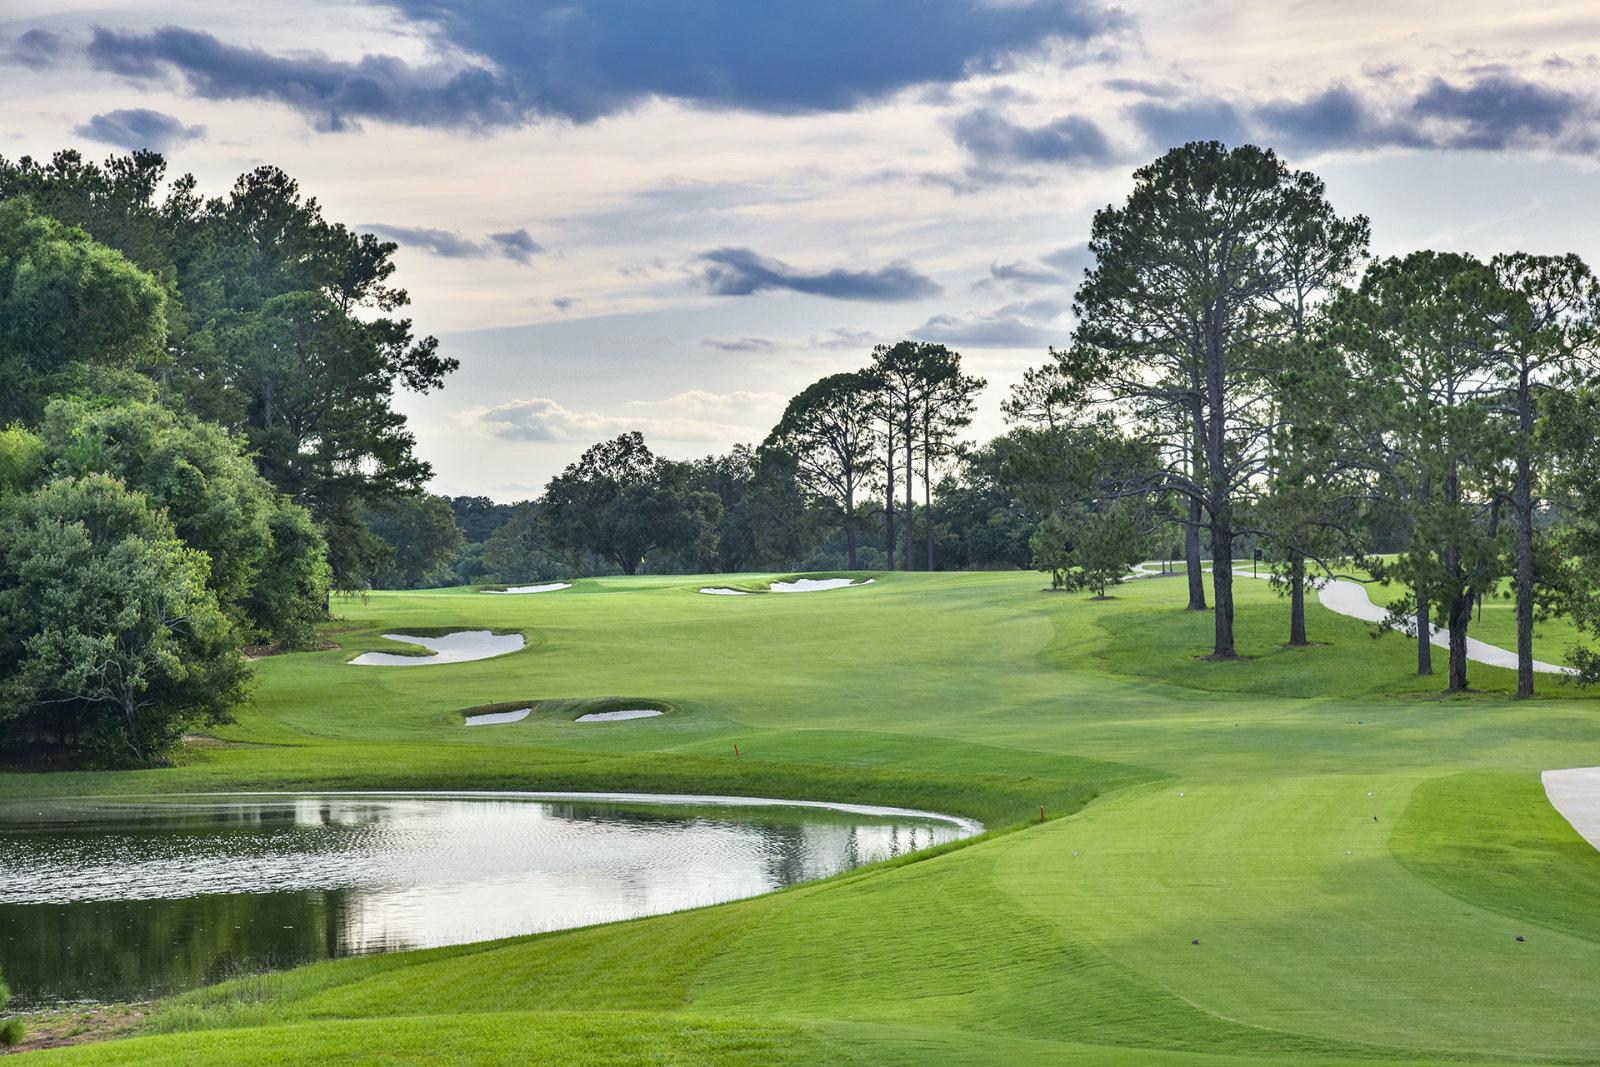 FSU Selected To Host 2026 NCAA Women's Golf Regional